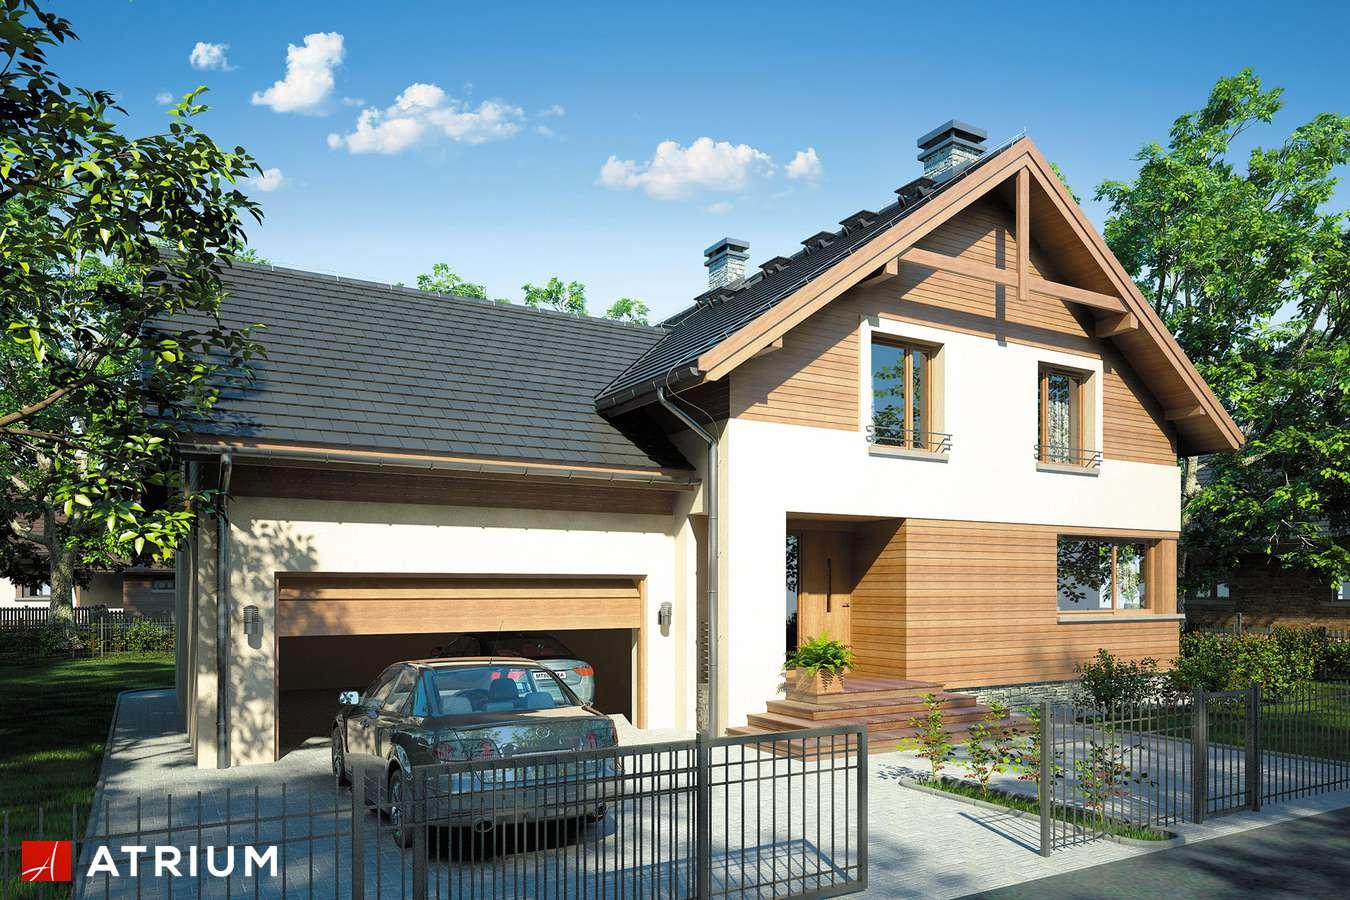 Projekty domów - Projekt domu z poddaszem JUPITER II - wizualizacja 1 - wersja lustrzana